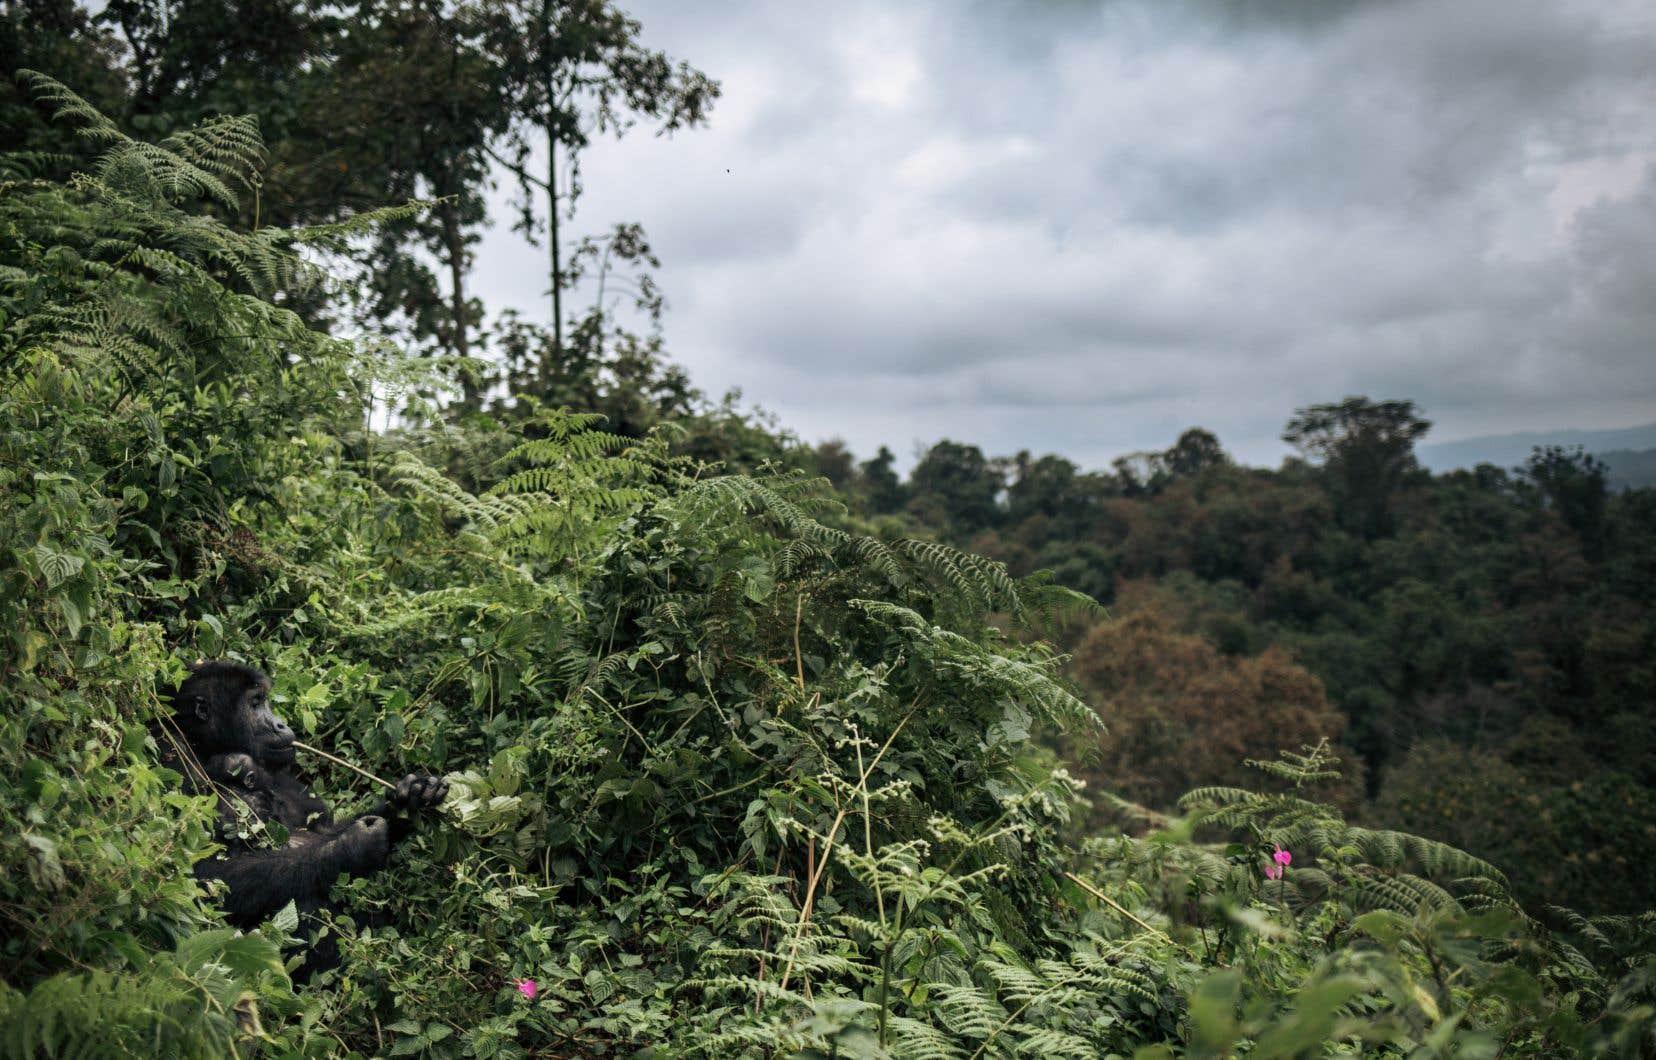 La République Démocratique du Congo avait officialisé son projet d'exploiter du pétrole dans les parcs des Virunga au nord-est du pays (photo), et de la Salonga, mais le gouvernement n'y a toutefois pas officiellement renoncé.